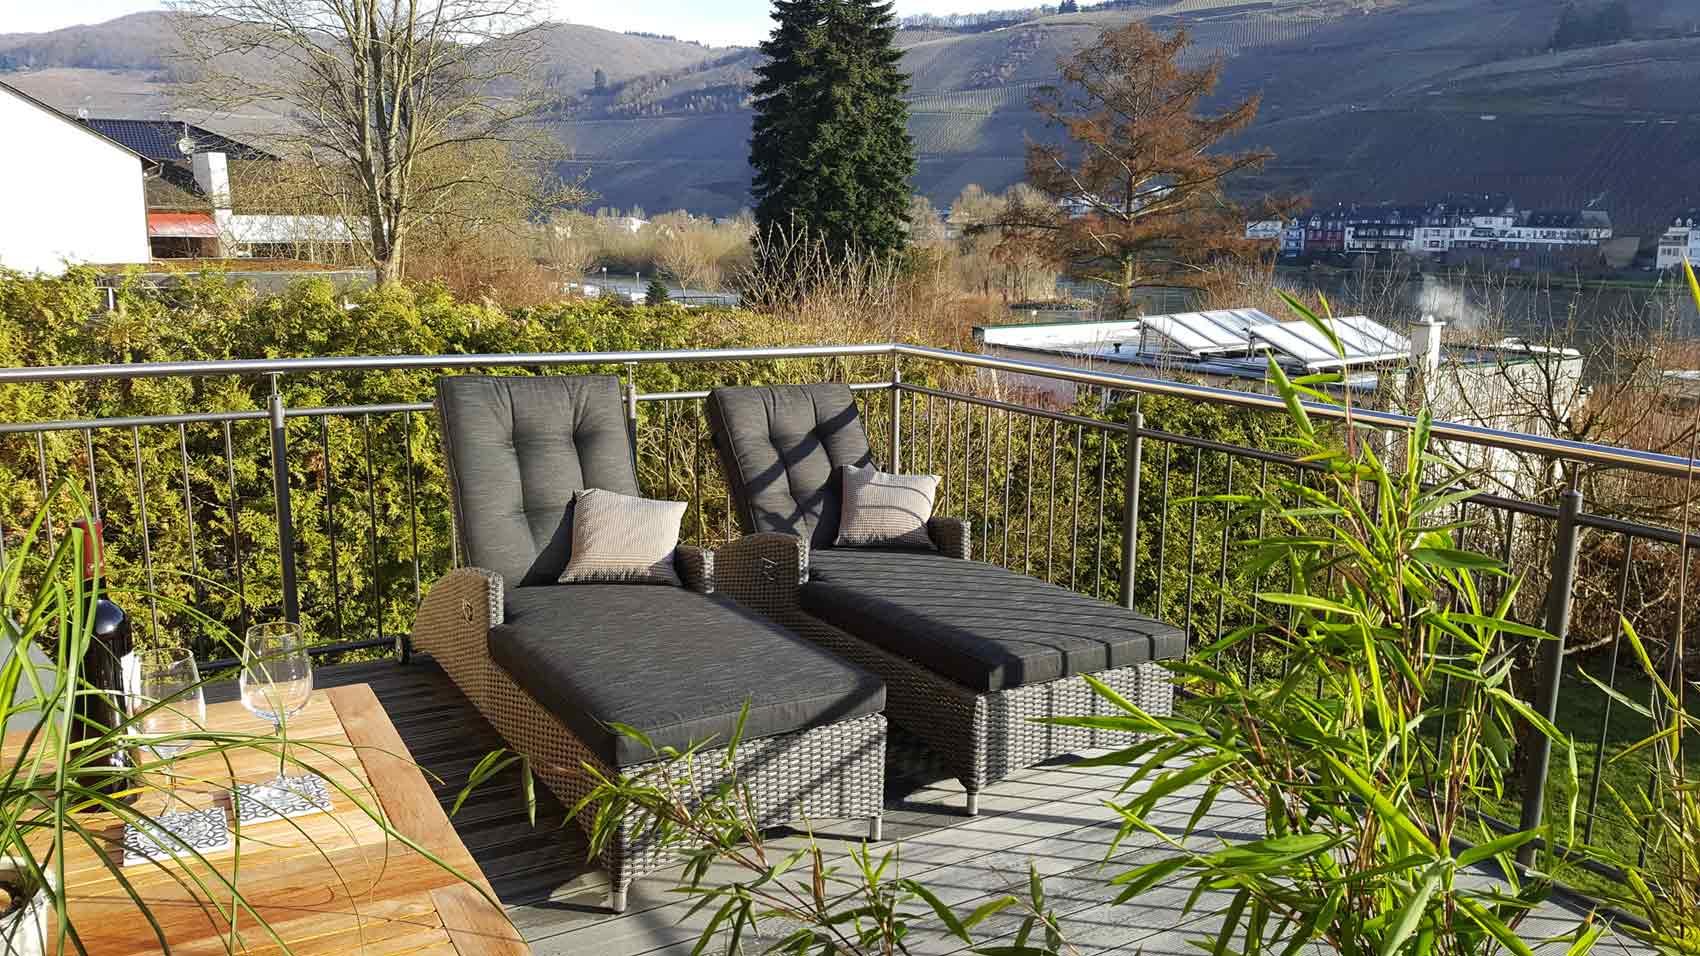 Neue Ferienwohnung an der Mosel mit Balkon und Sonnenliegen